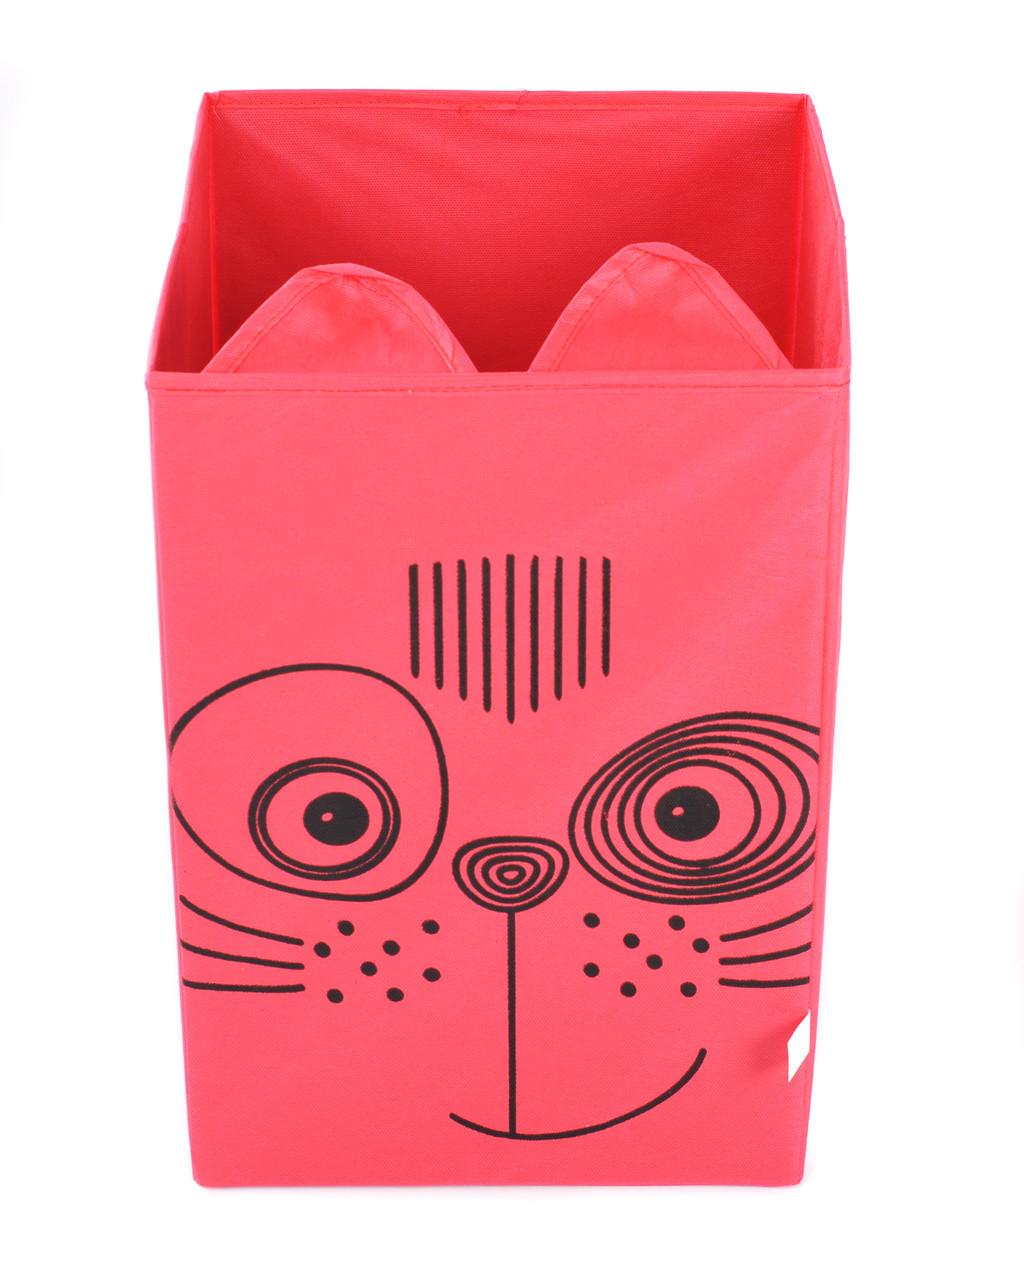 Детский ящик для игрушек без крышки Кот 25*25 см